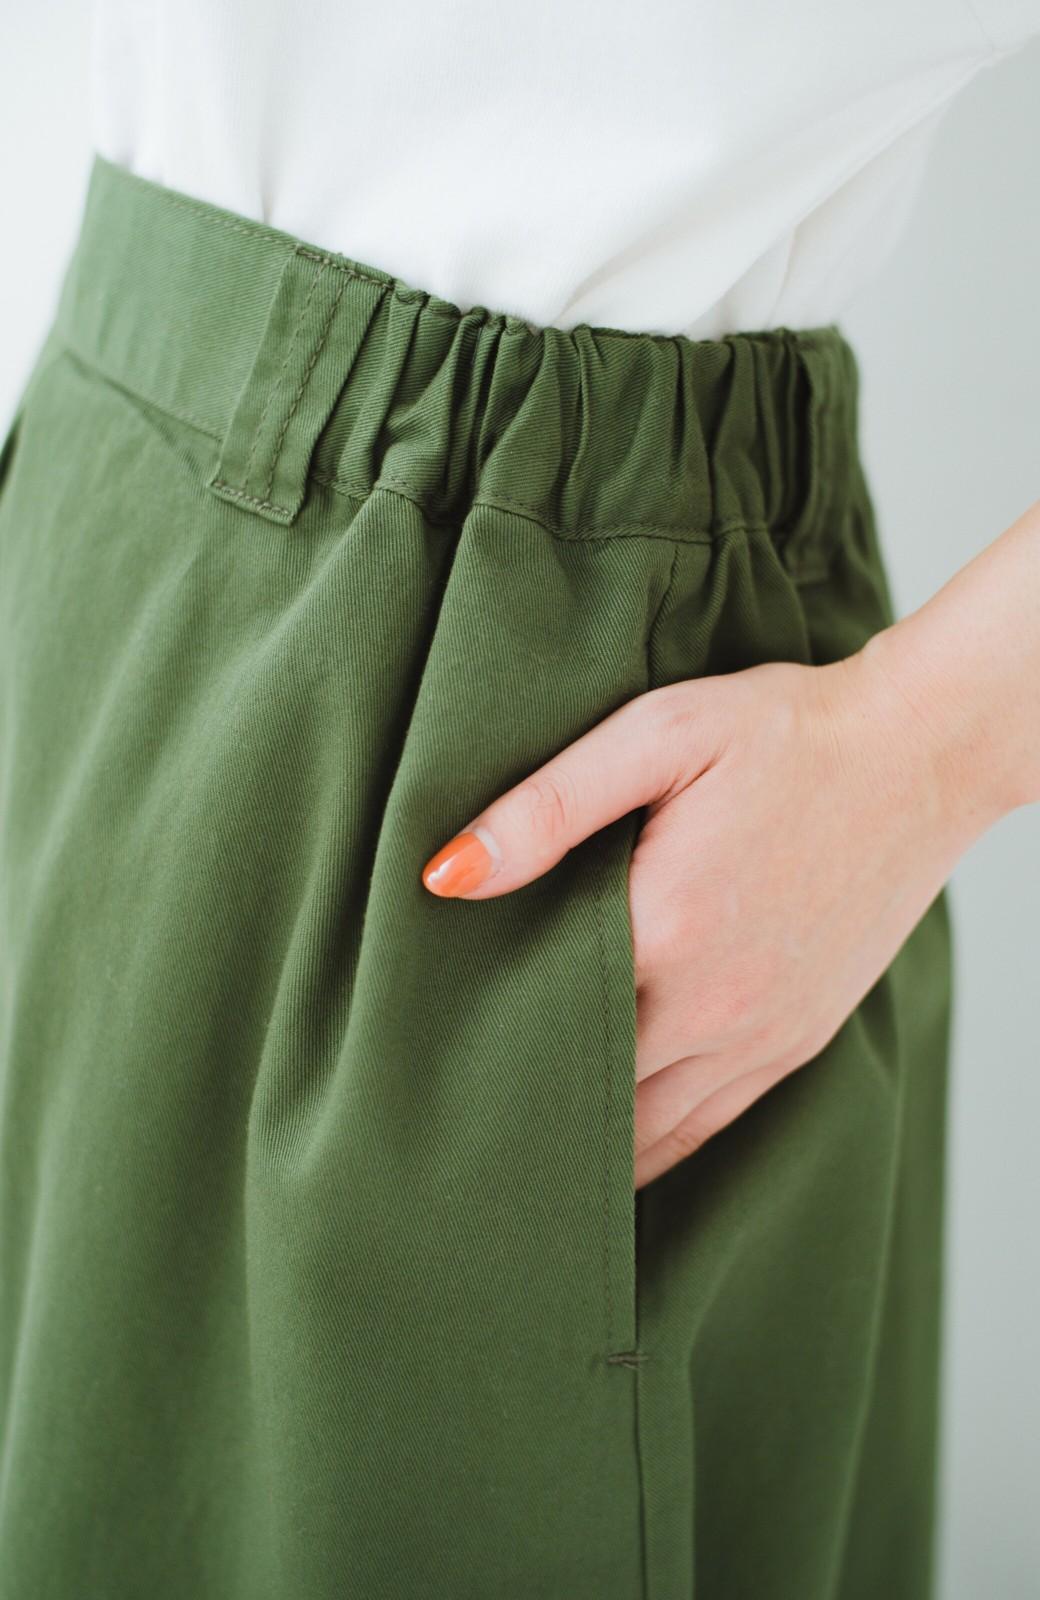 haco! ロングシーズン楽しめる タックボリュームのチノロングスカート <カーキ>の商品写真9